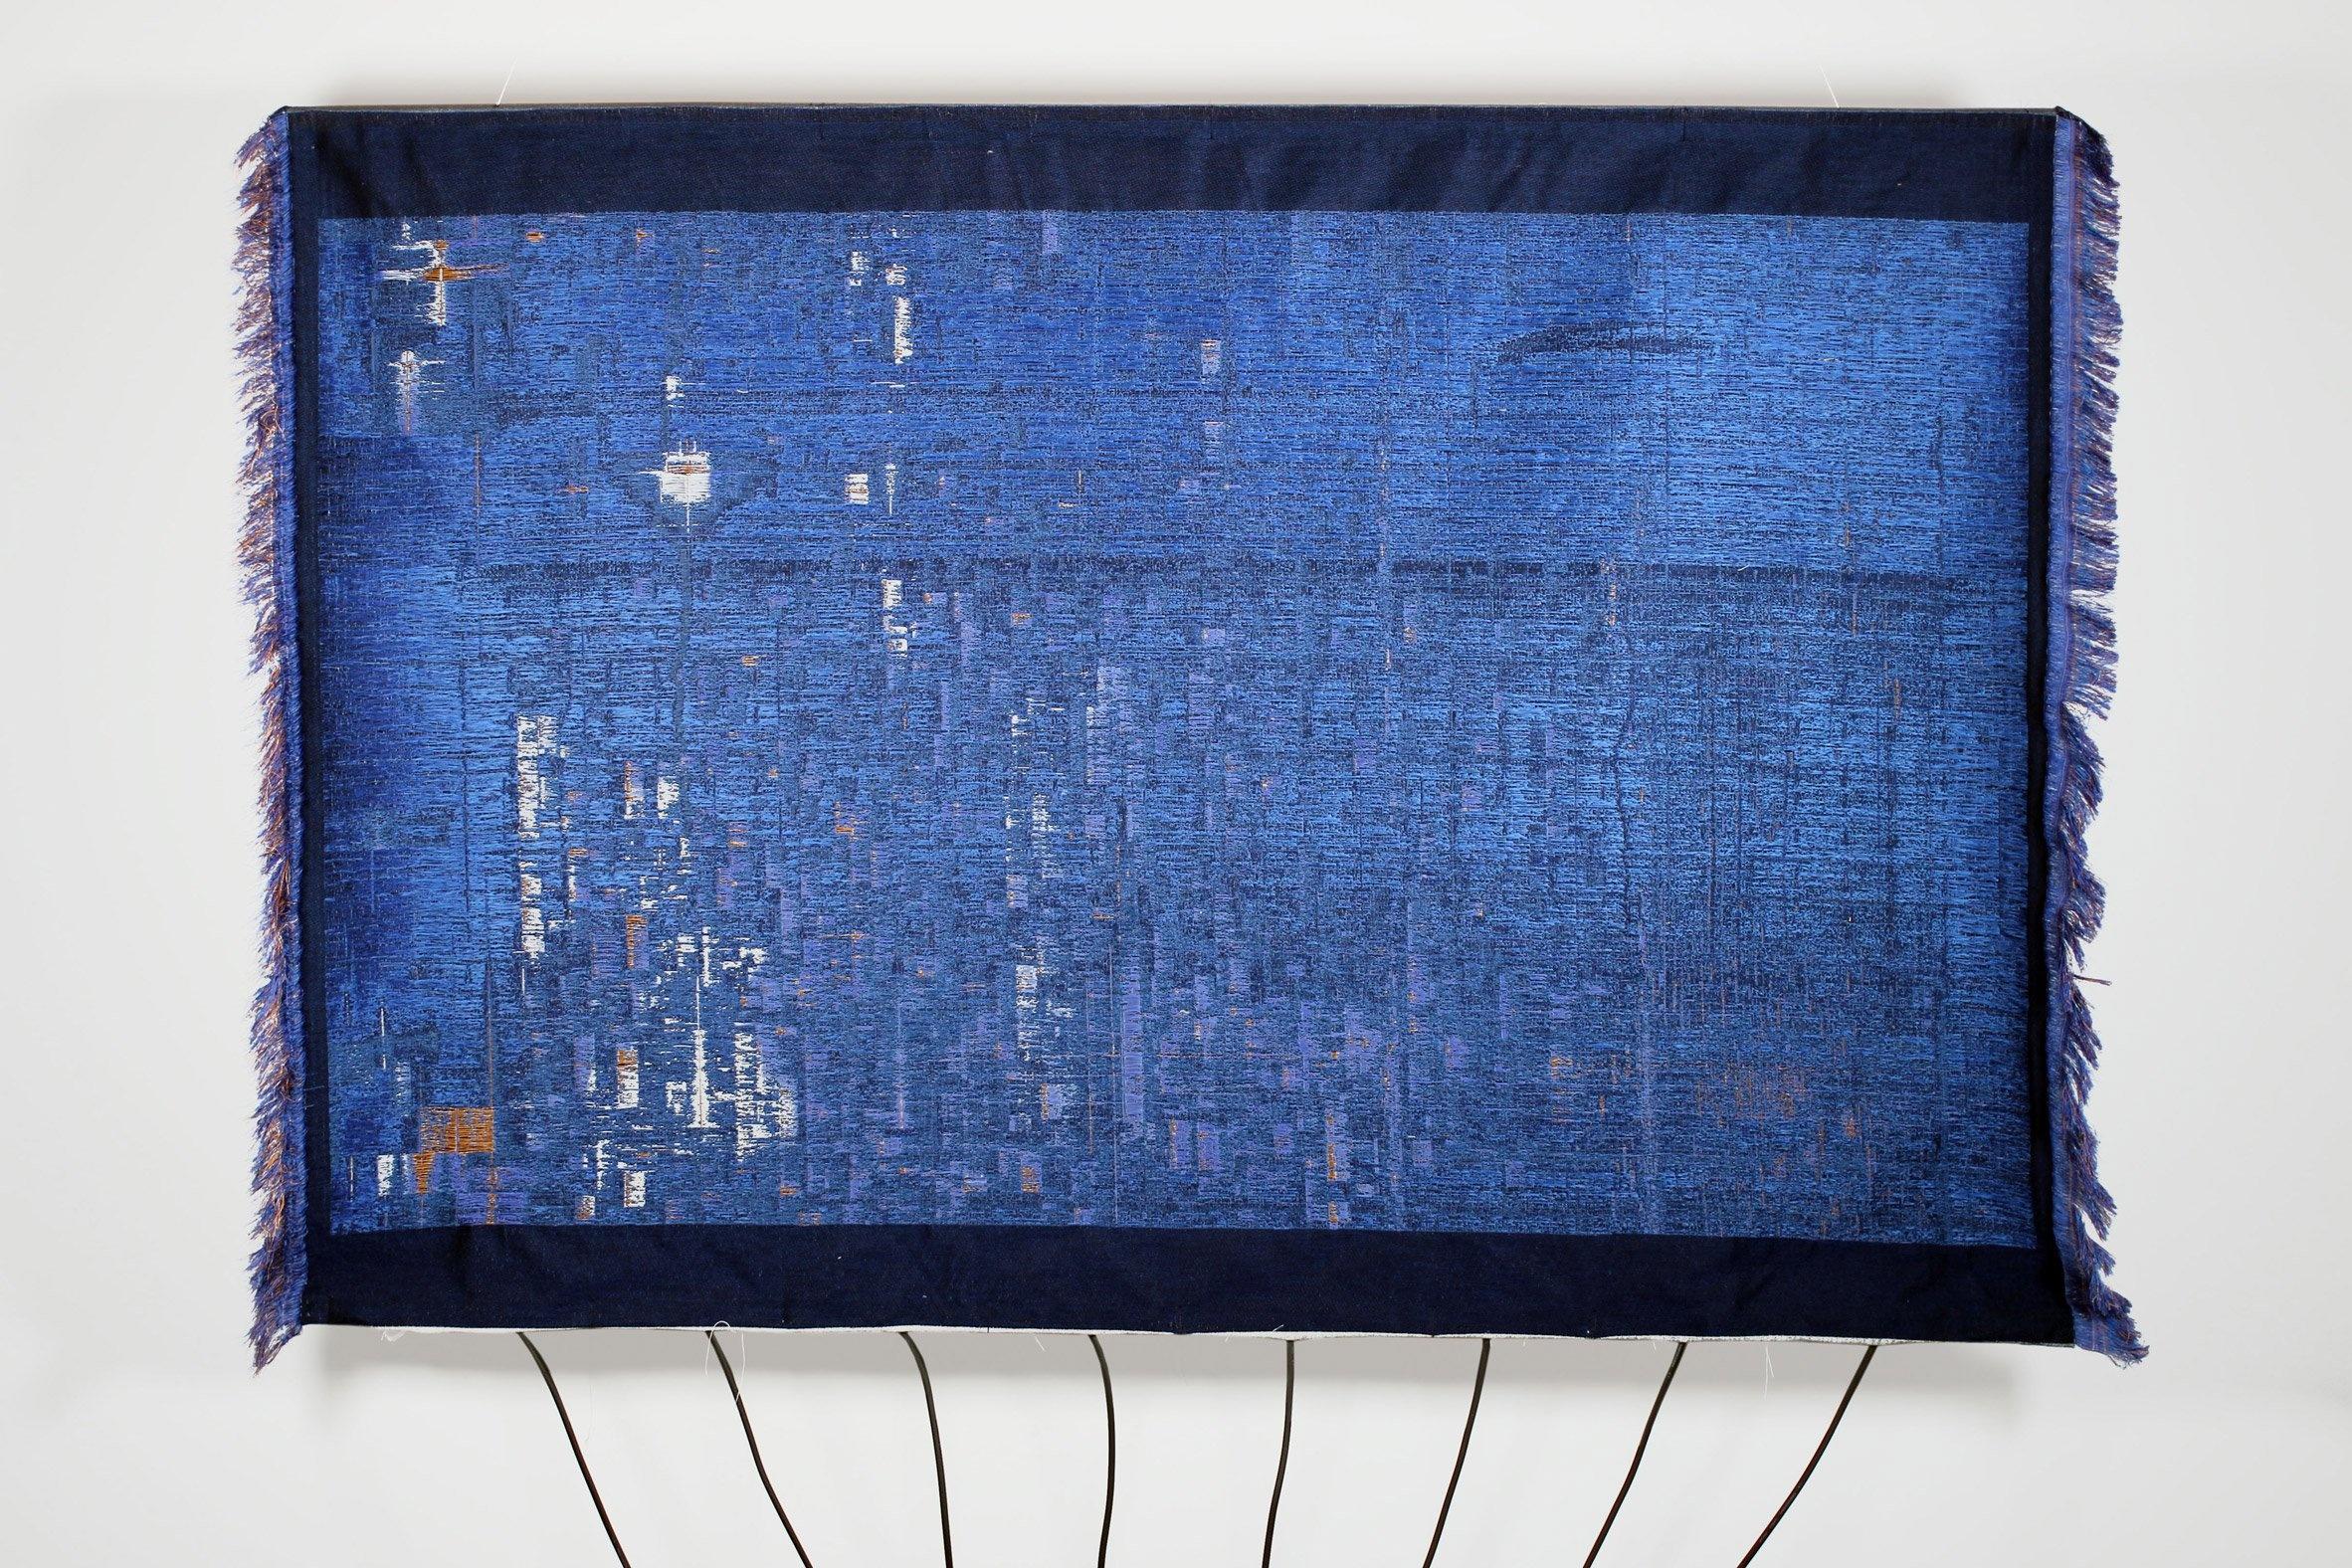 wifi-tapestry-richard-vijgen_dezeen_2364_col_4